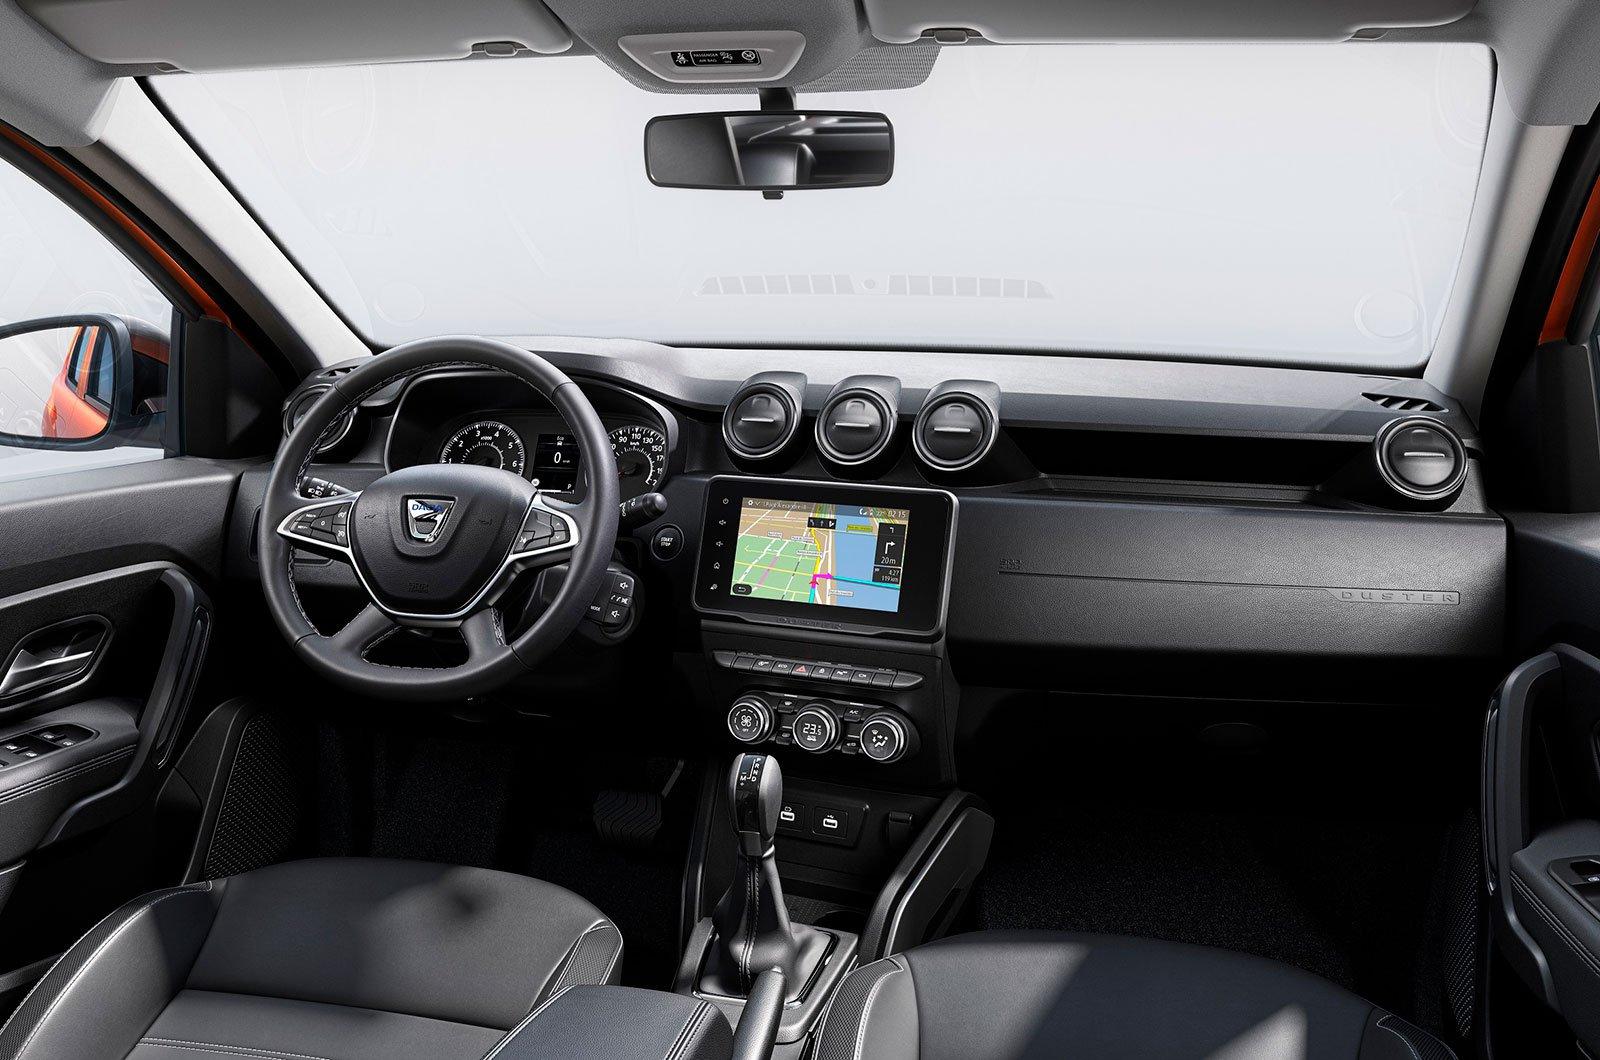 2021 Dacia Duster interior